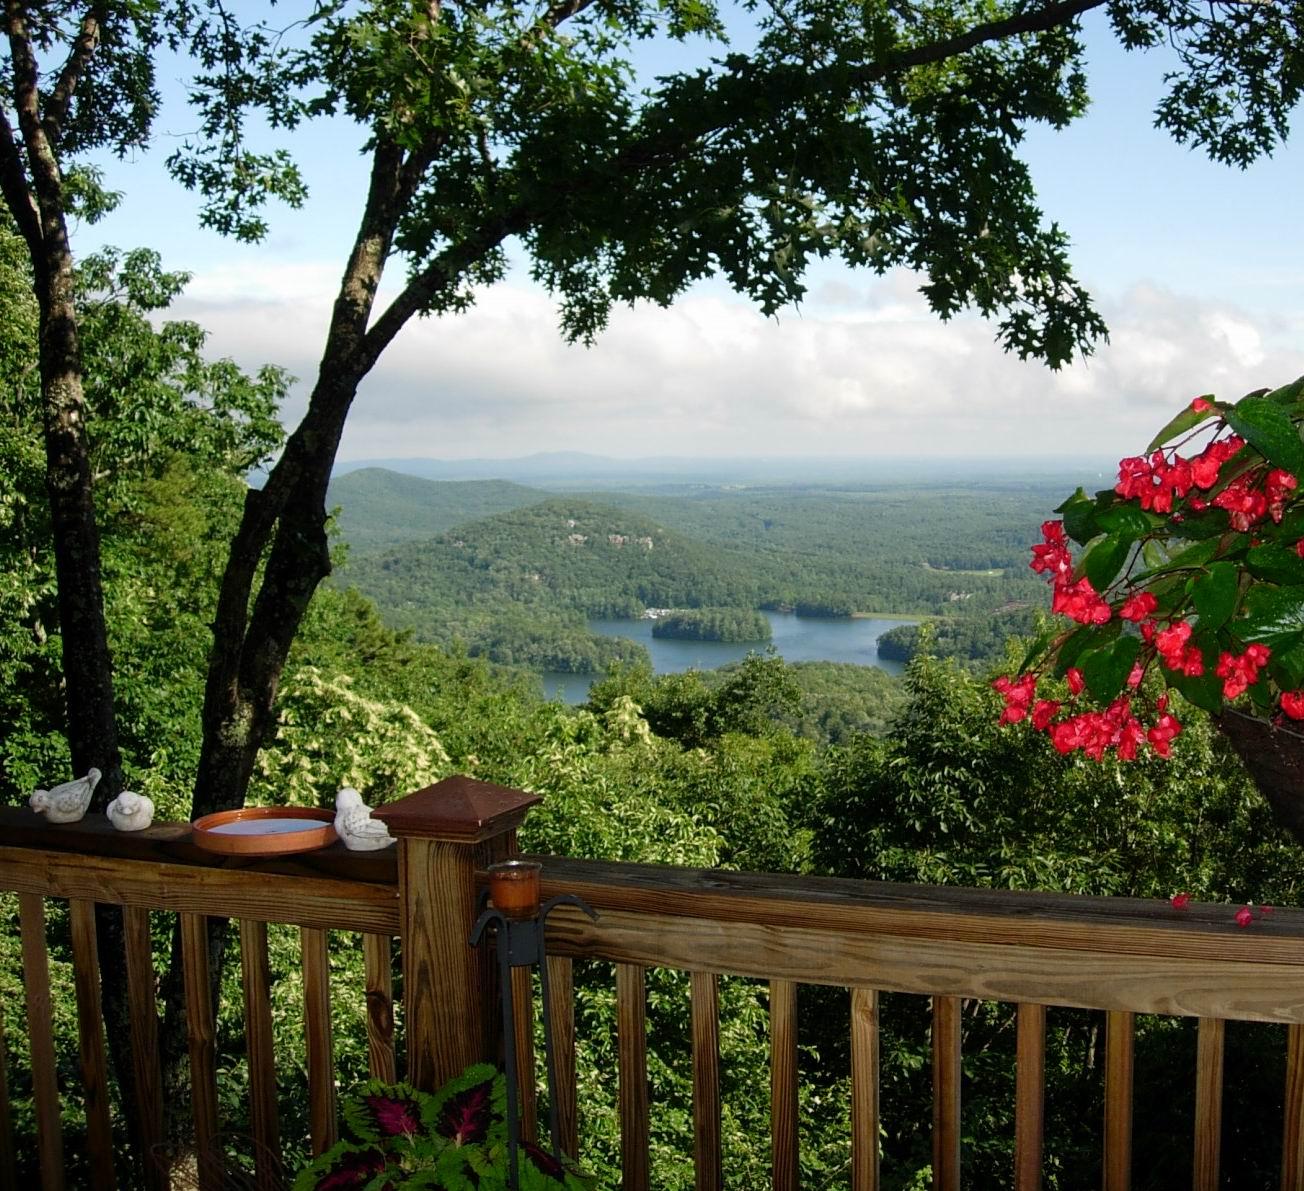 Real Estate Scorecard Celebrates New Amenity At Big Canoe